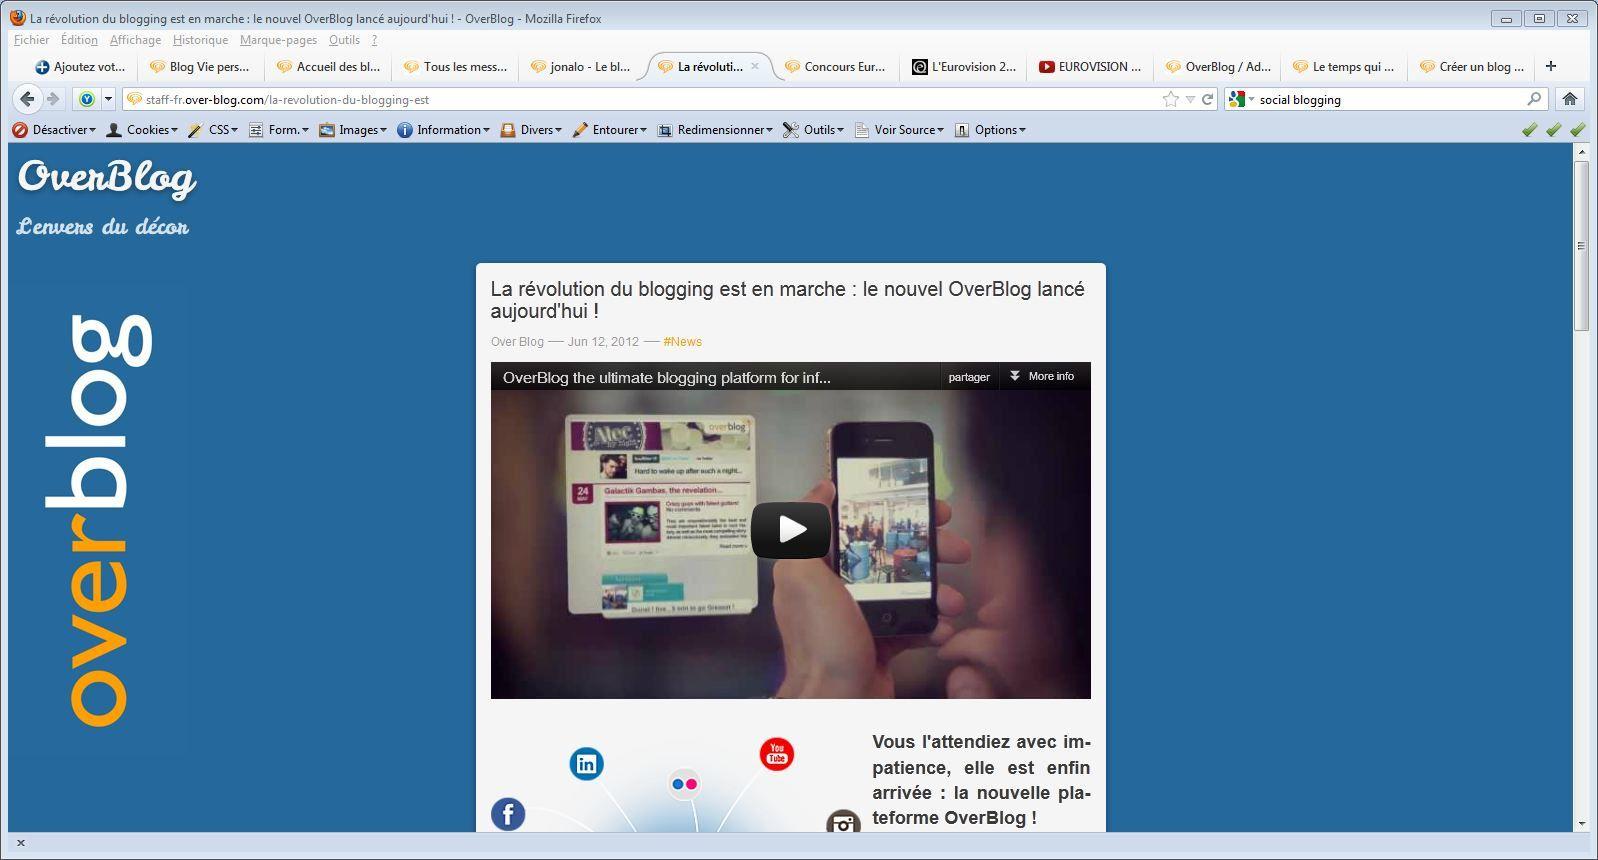 overblog_nouvelleversion.JPG